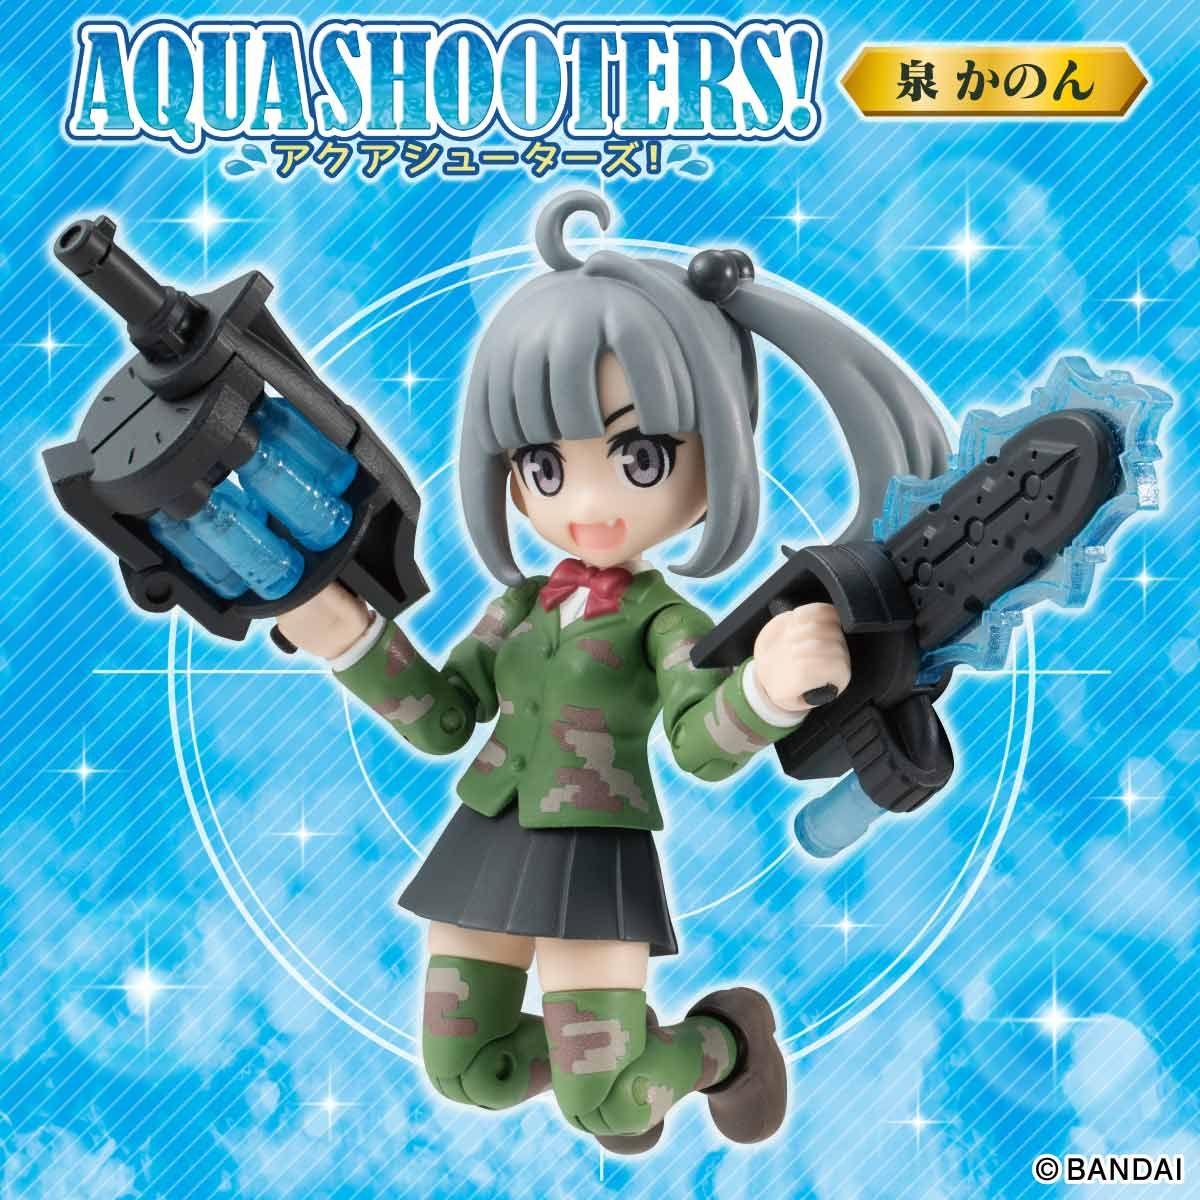 【限定販売】ガシャポン『AQUA SHOOTERS! 泉かのん』デフォルメ可動フィギュア-001